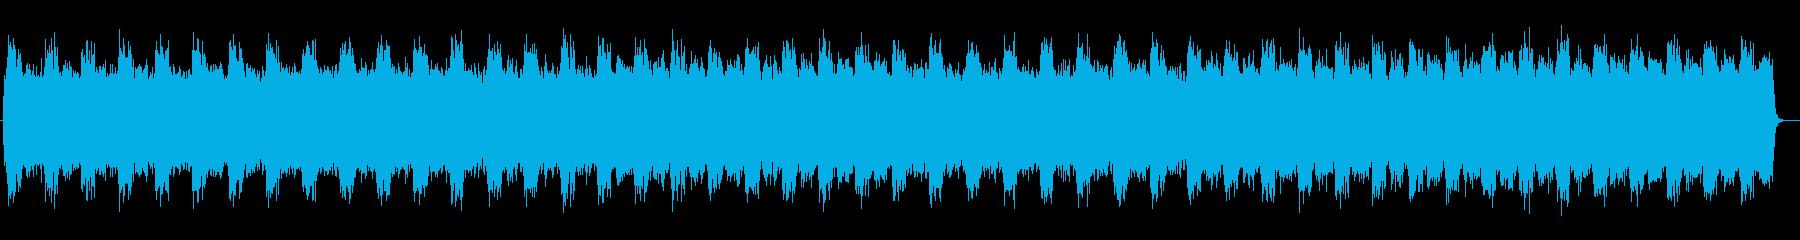 アップテンポのファンタジーな曲の再生済みの波形